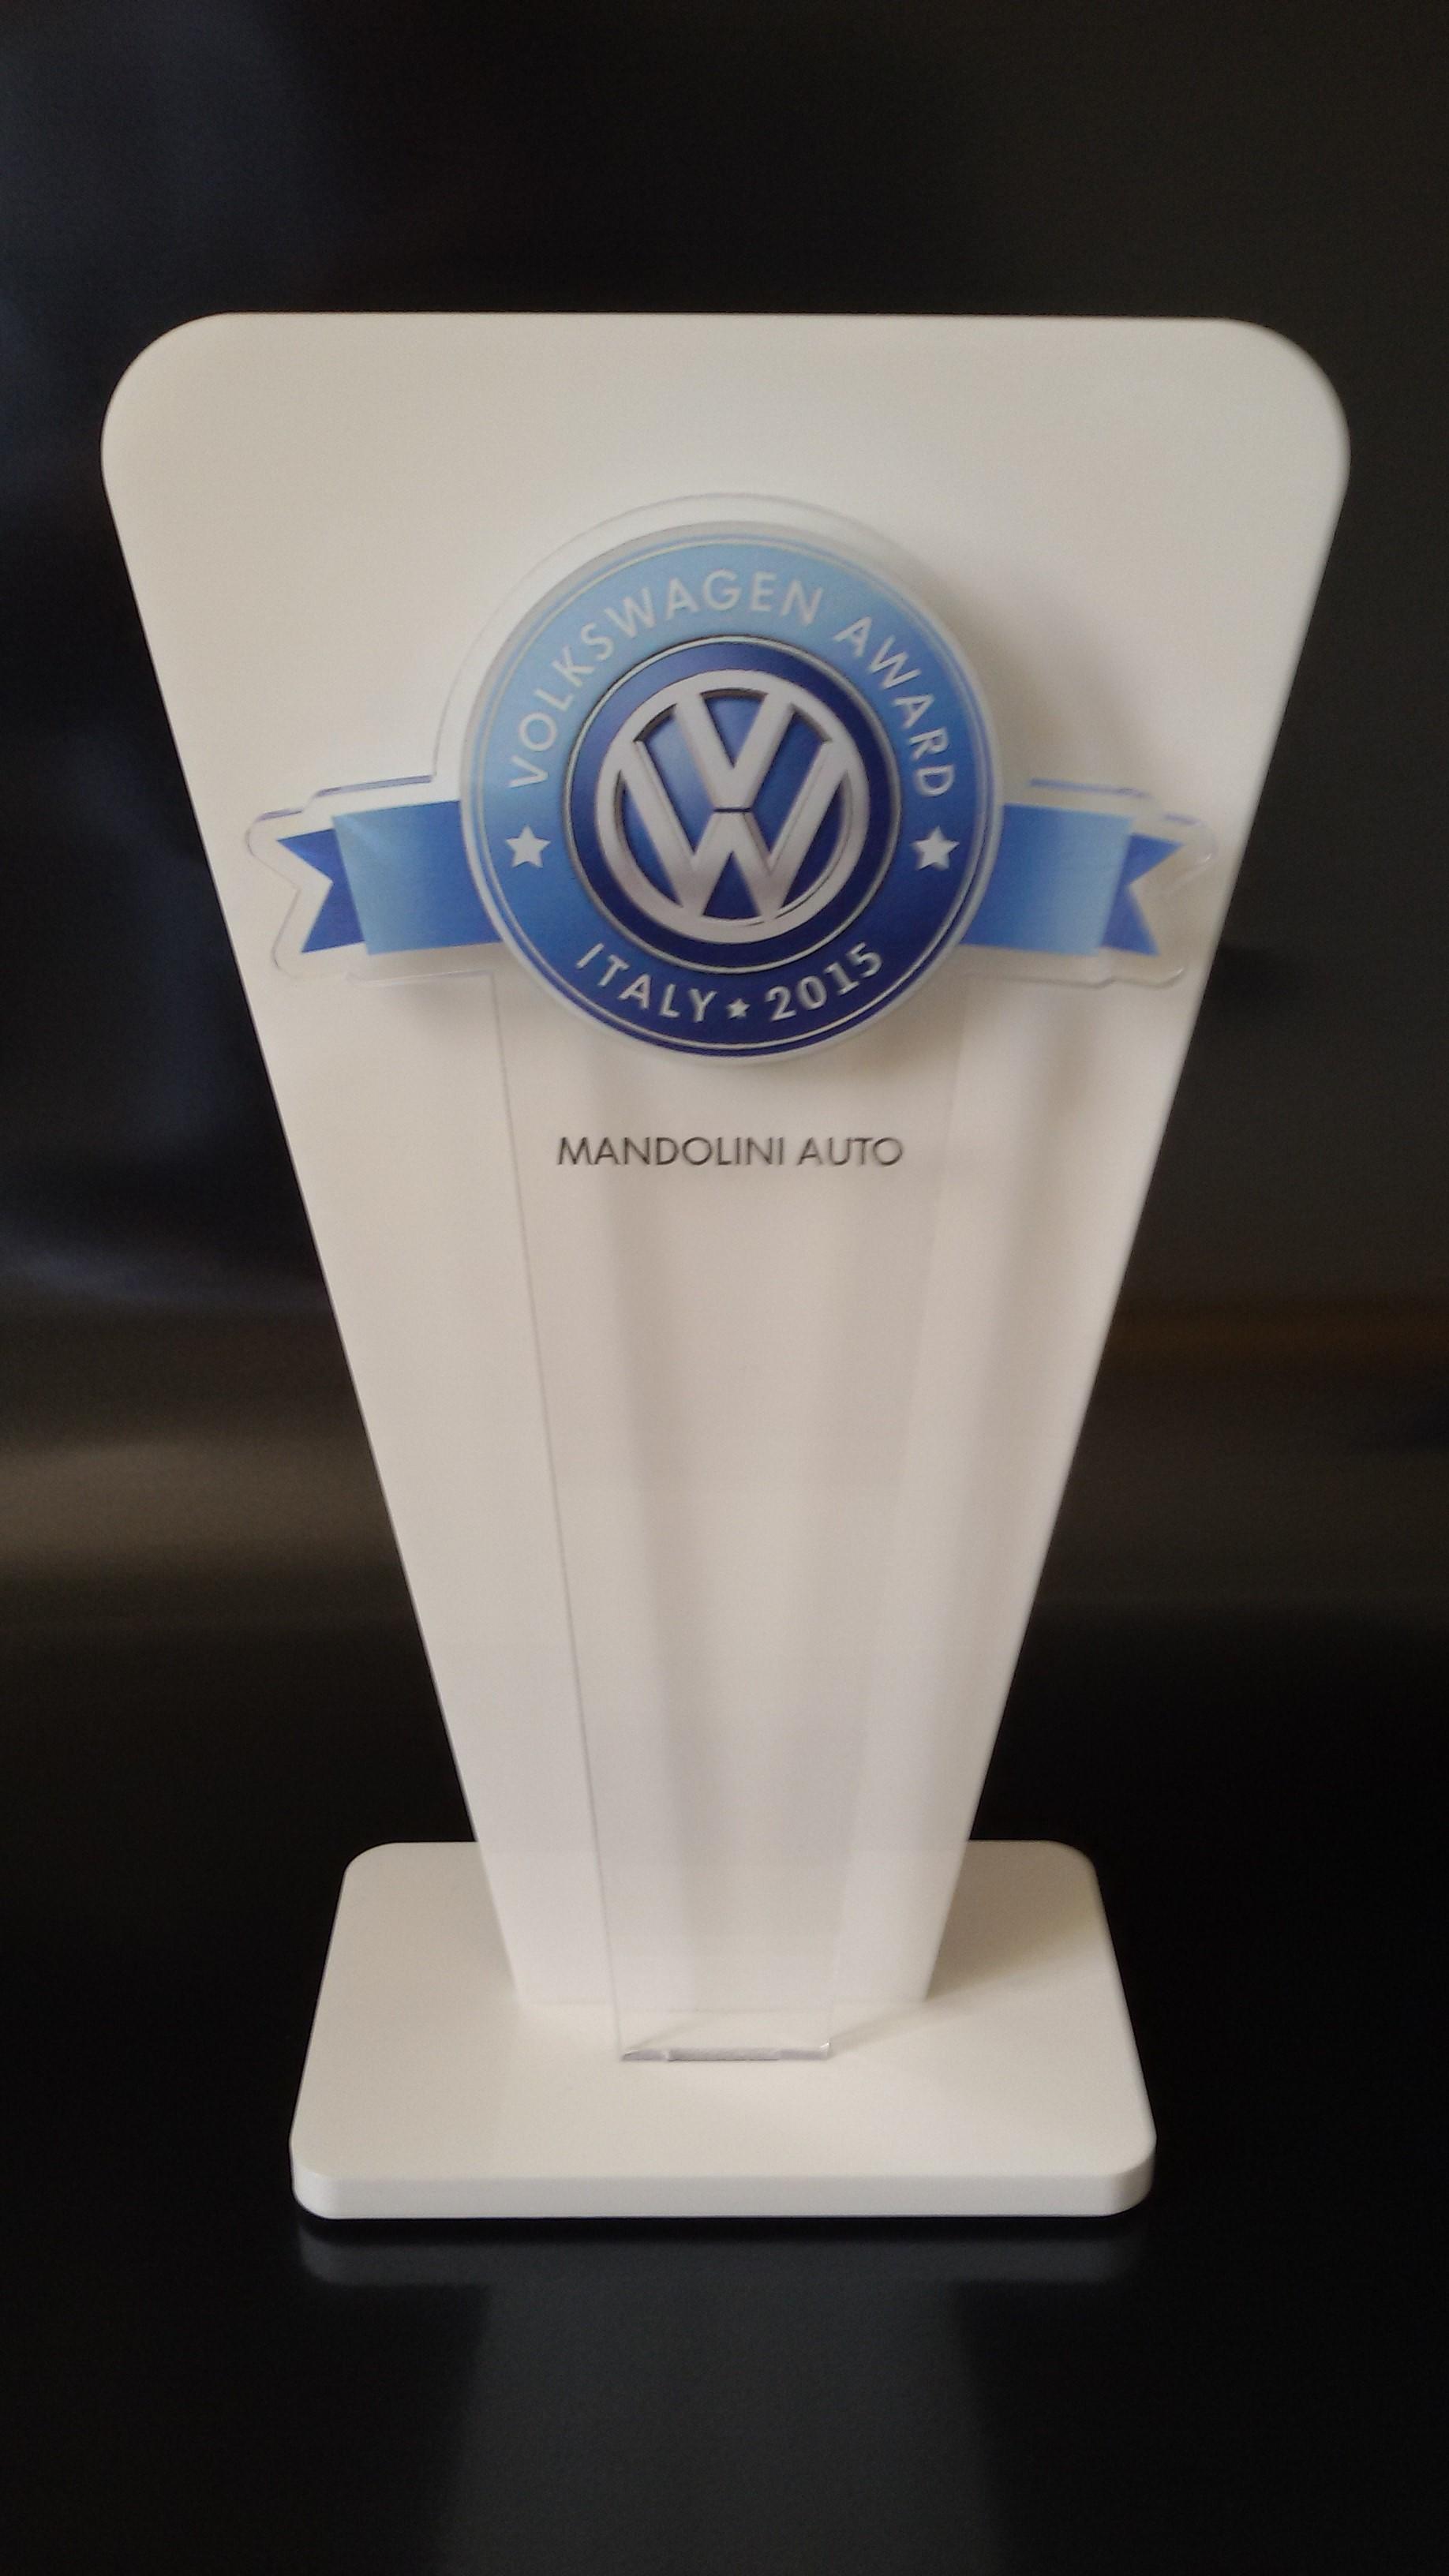 Maggio 2015 - A Mandolini Auto il premio Volkswagen Award Italy 2015